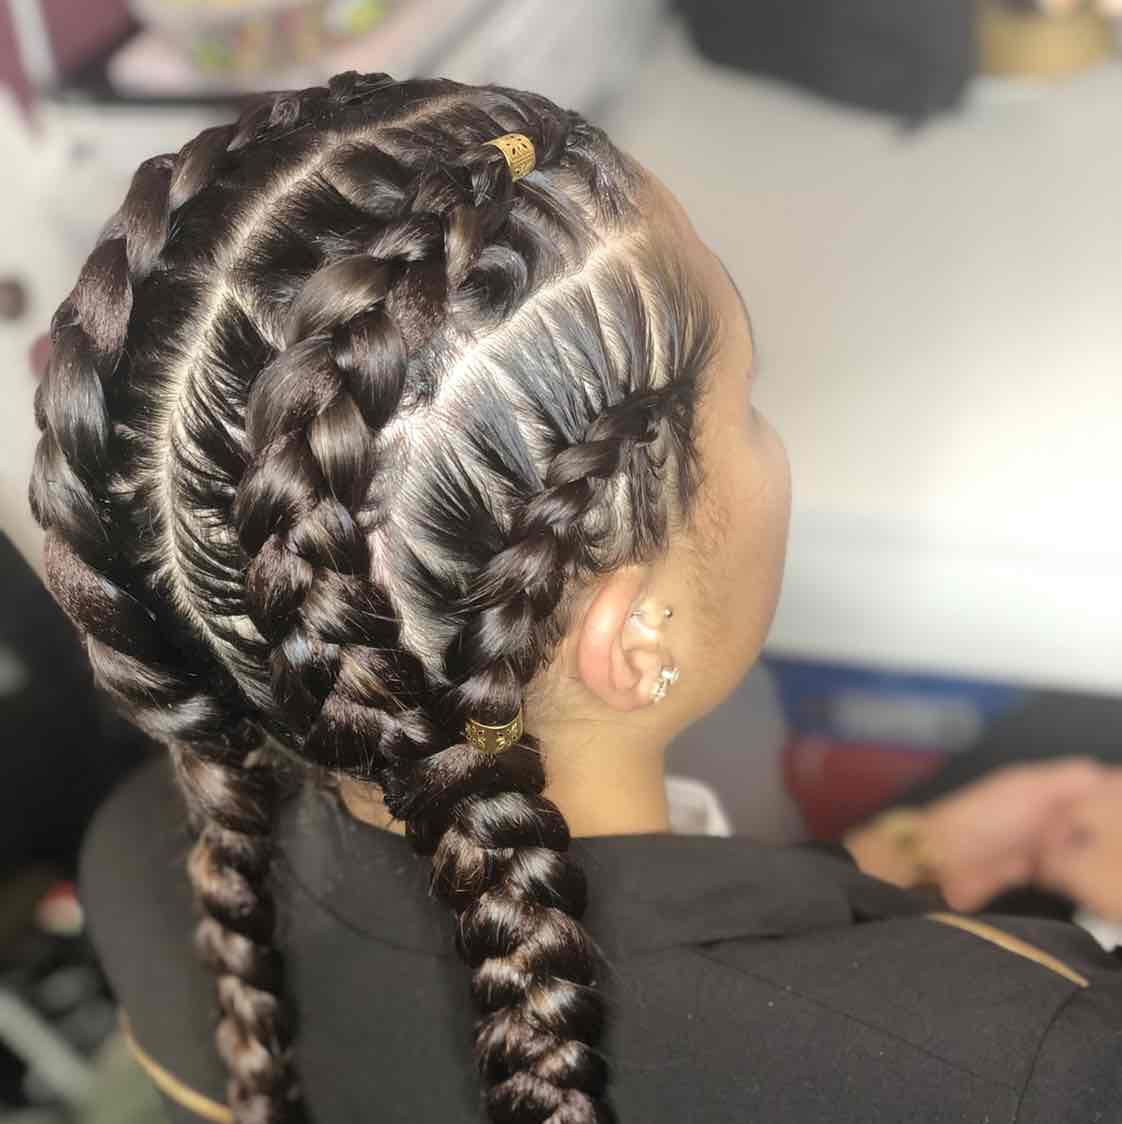 salon de coiffure afro tresse tresses box braids crochet braids vanilles tissages paris 75 77 78 91 92 93 94 95 VPZGTJCO